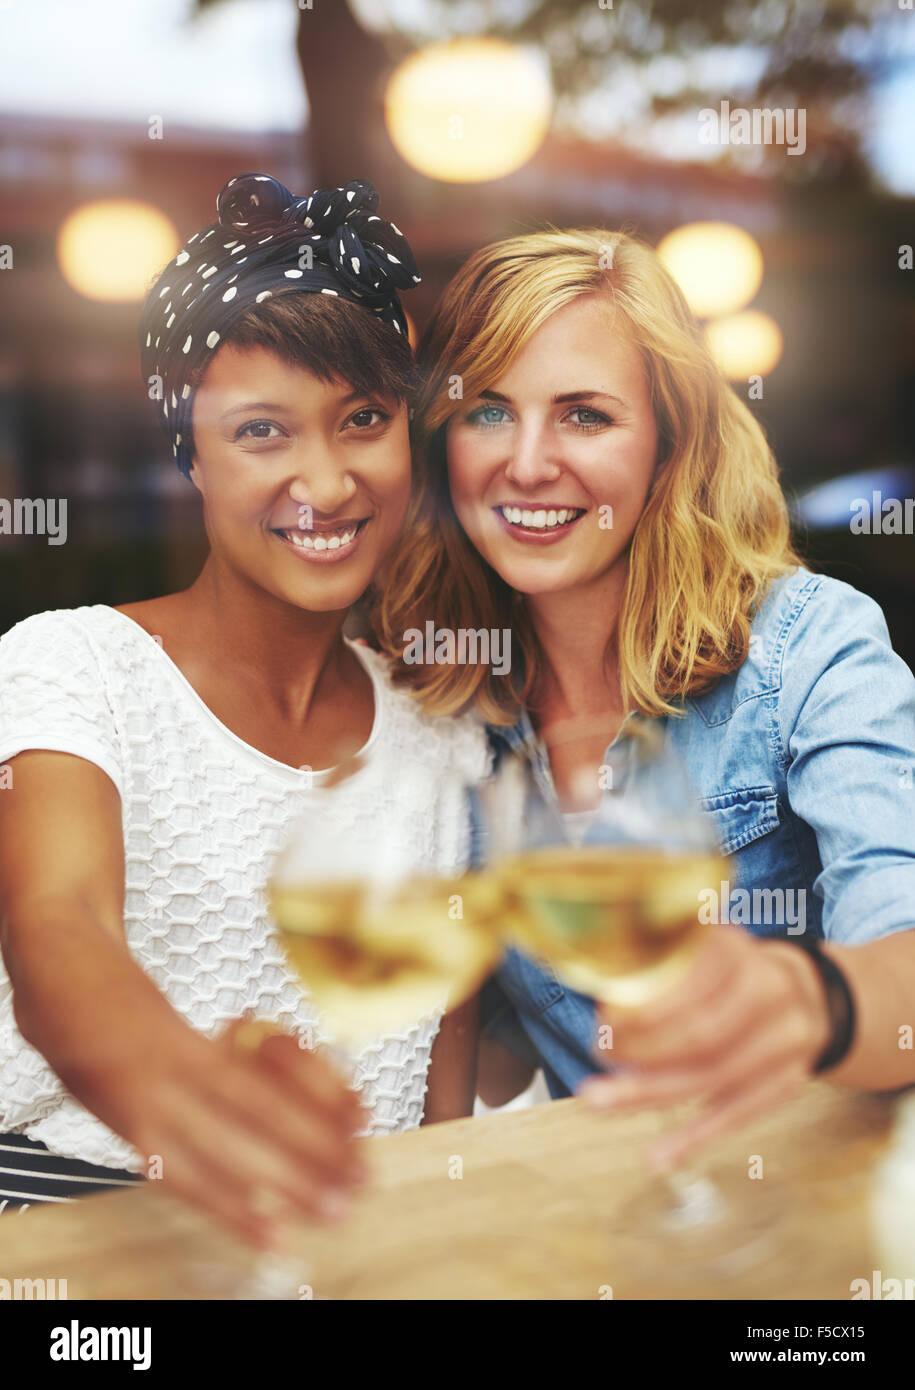 Spaß attraktive junge weibliche Freunde feiern mit Weißwein ihre Gläser klirren in einem Toast, wie Stockbild